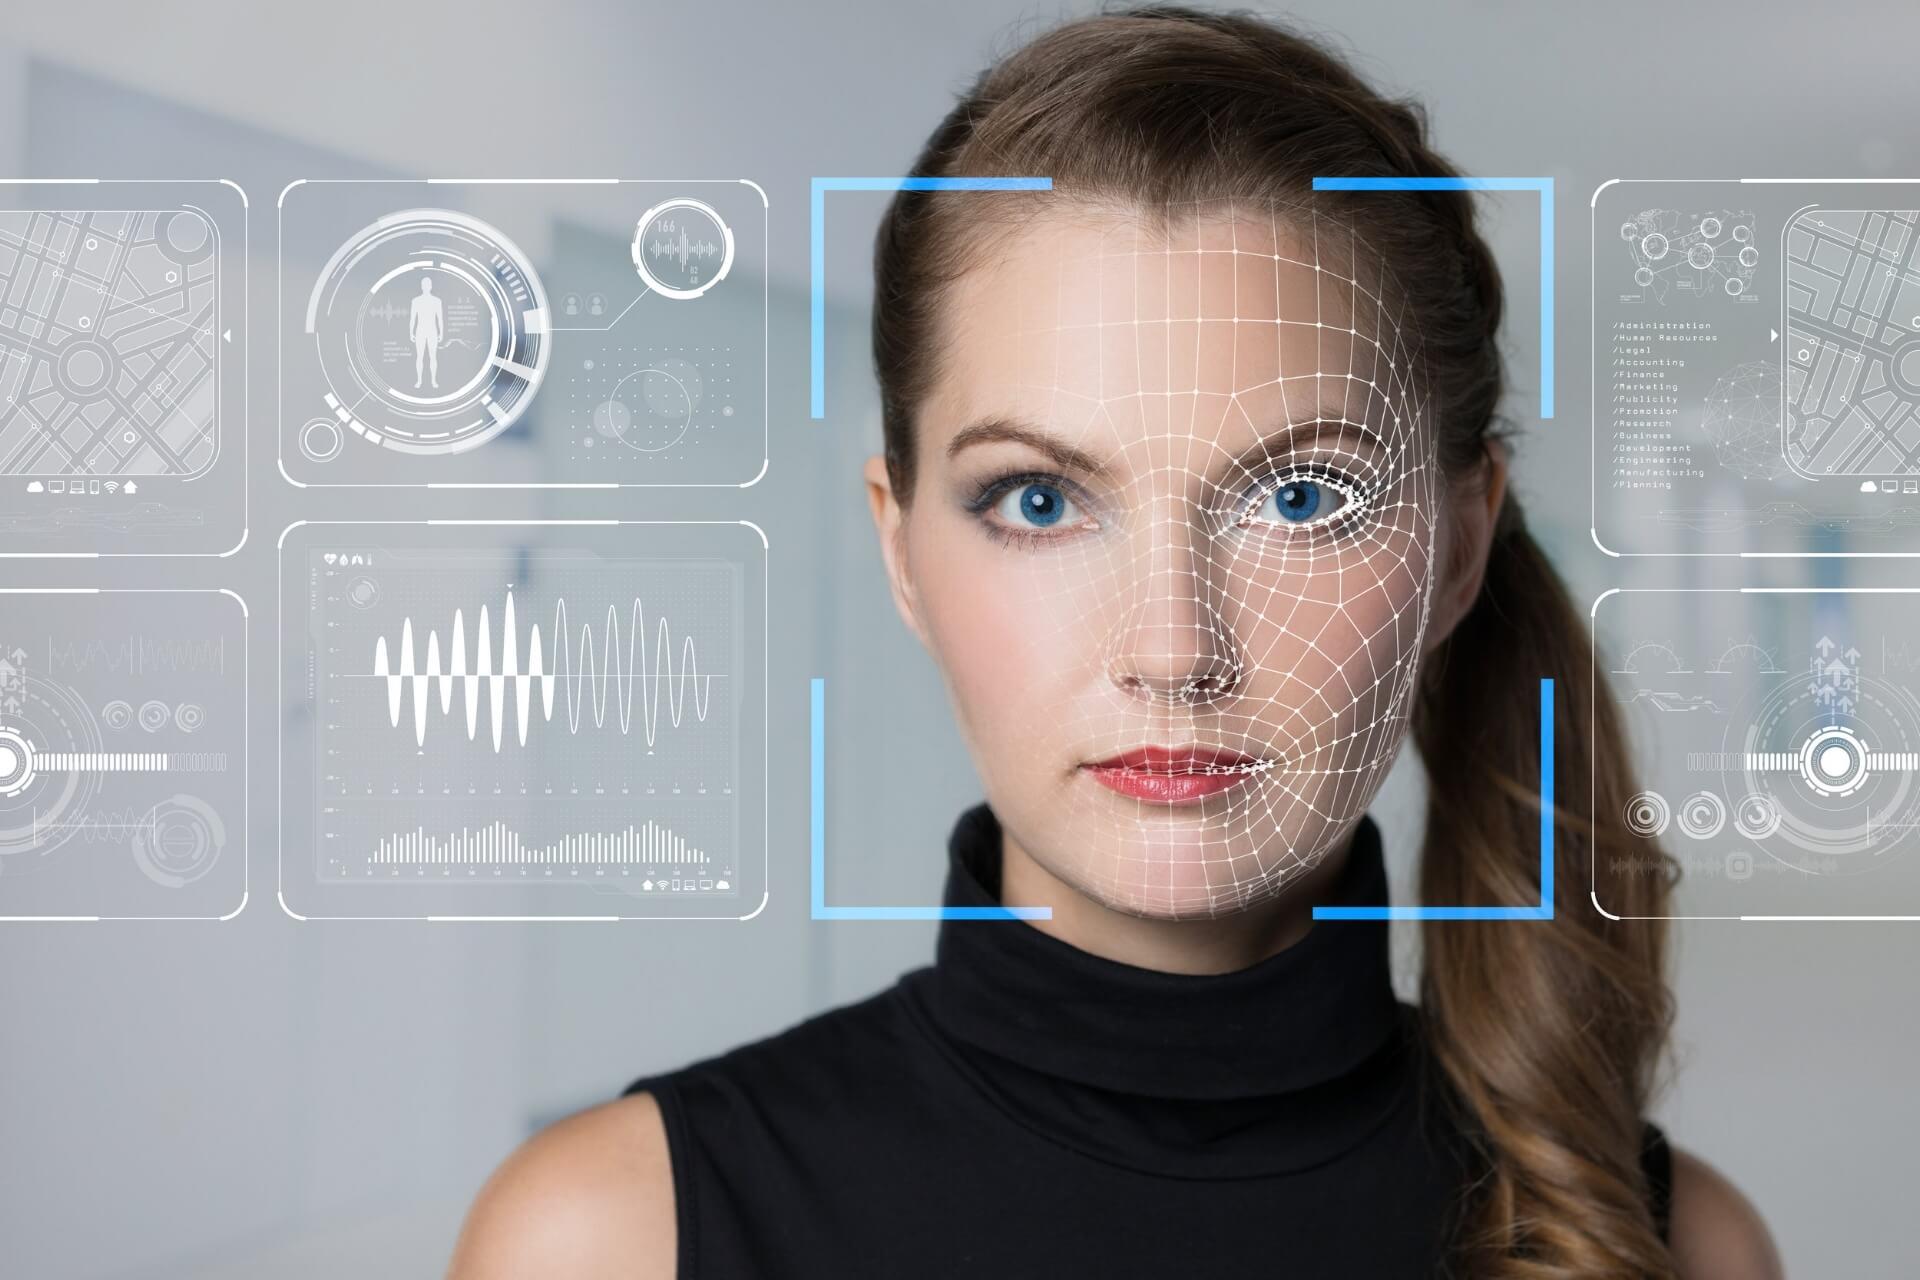 Reconhecimento facial: o futuro dos ingressos para shows